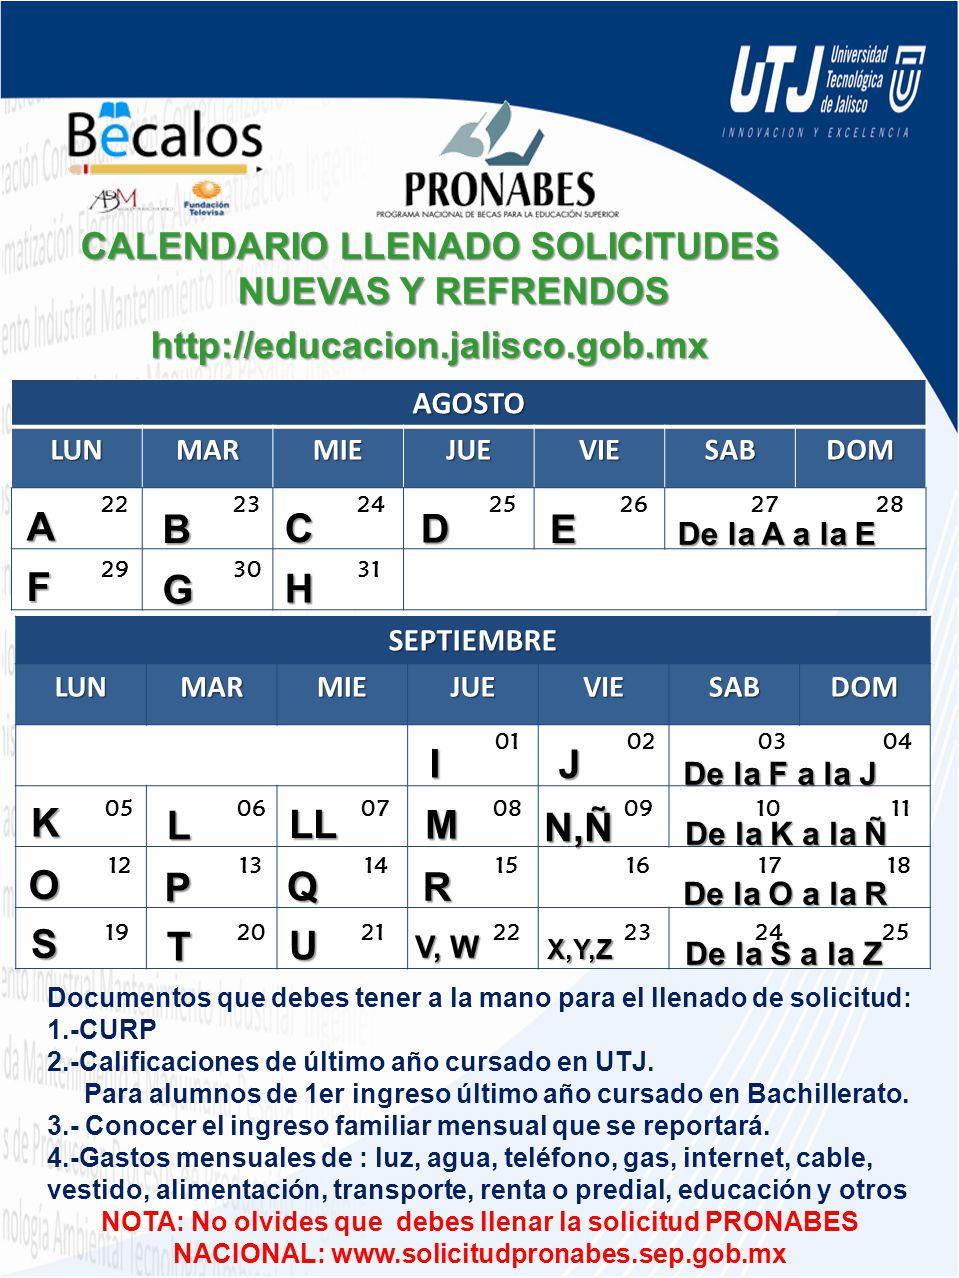 CALENDARIO LLENADO SOLICITUDES NUEVAS Y REFRENDOS